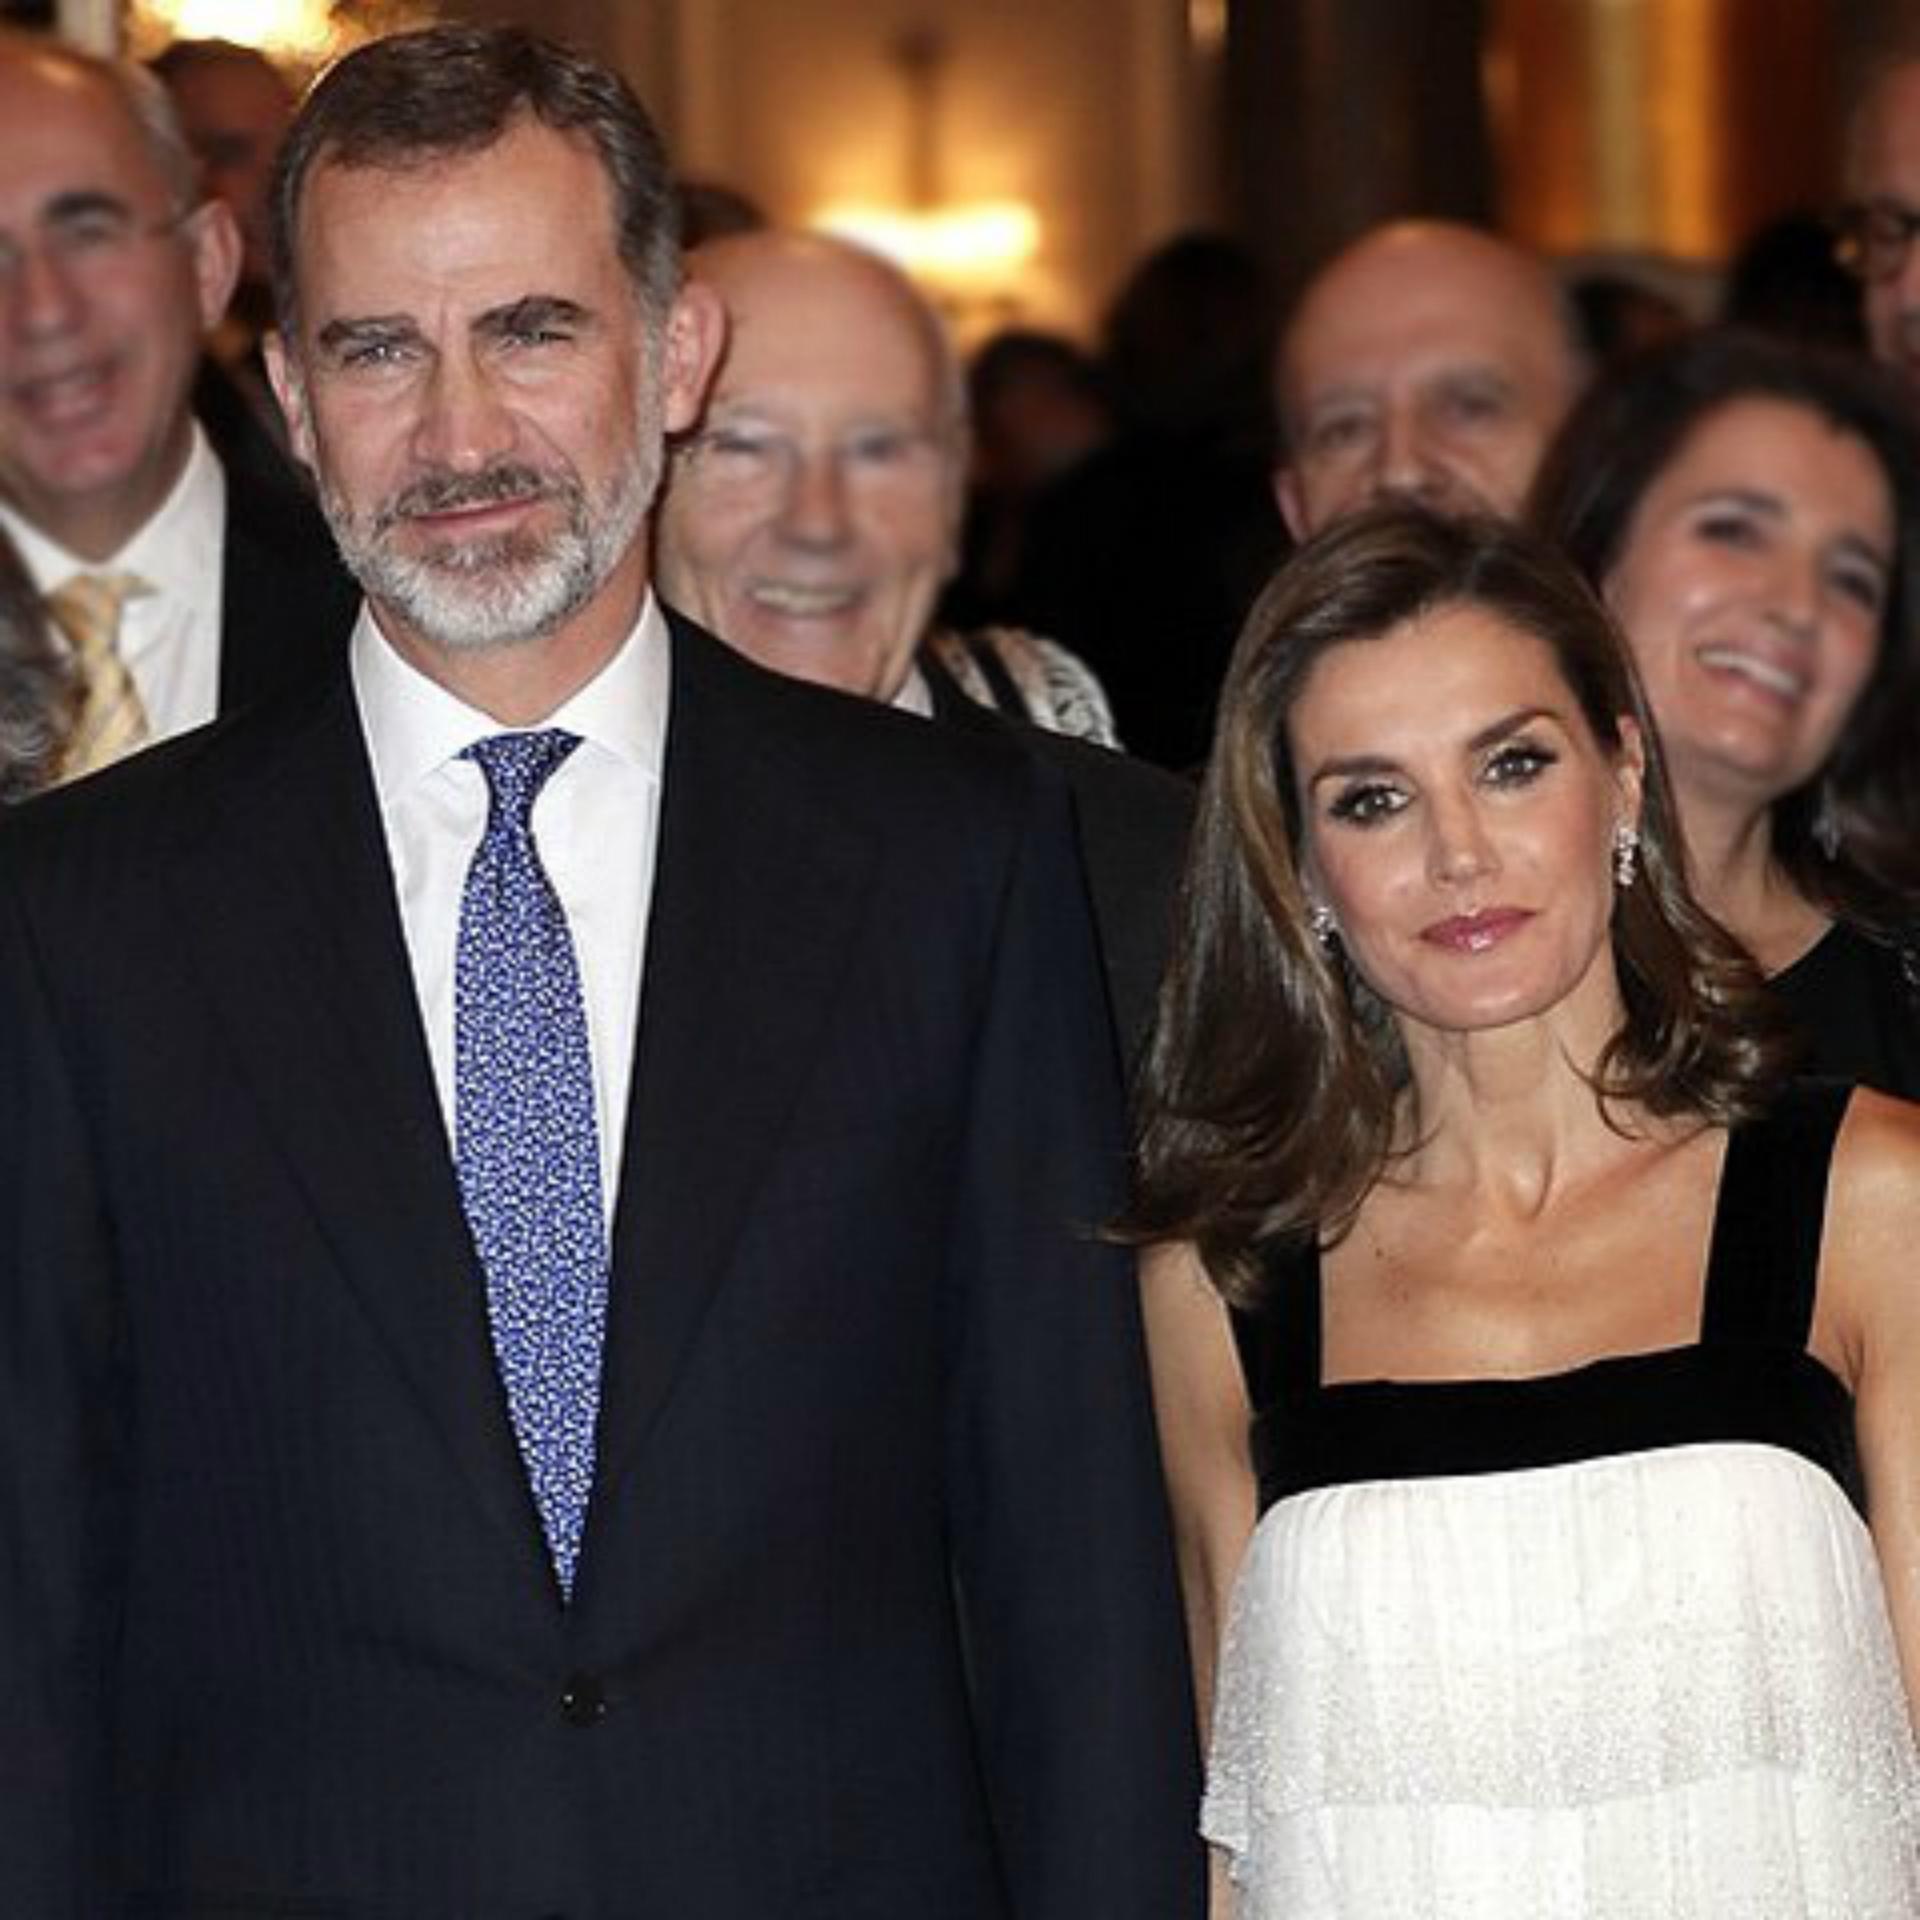 Letizia y Felipe se casaron en 2004 y son reyes desde 2014. (Foto Instagram)